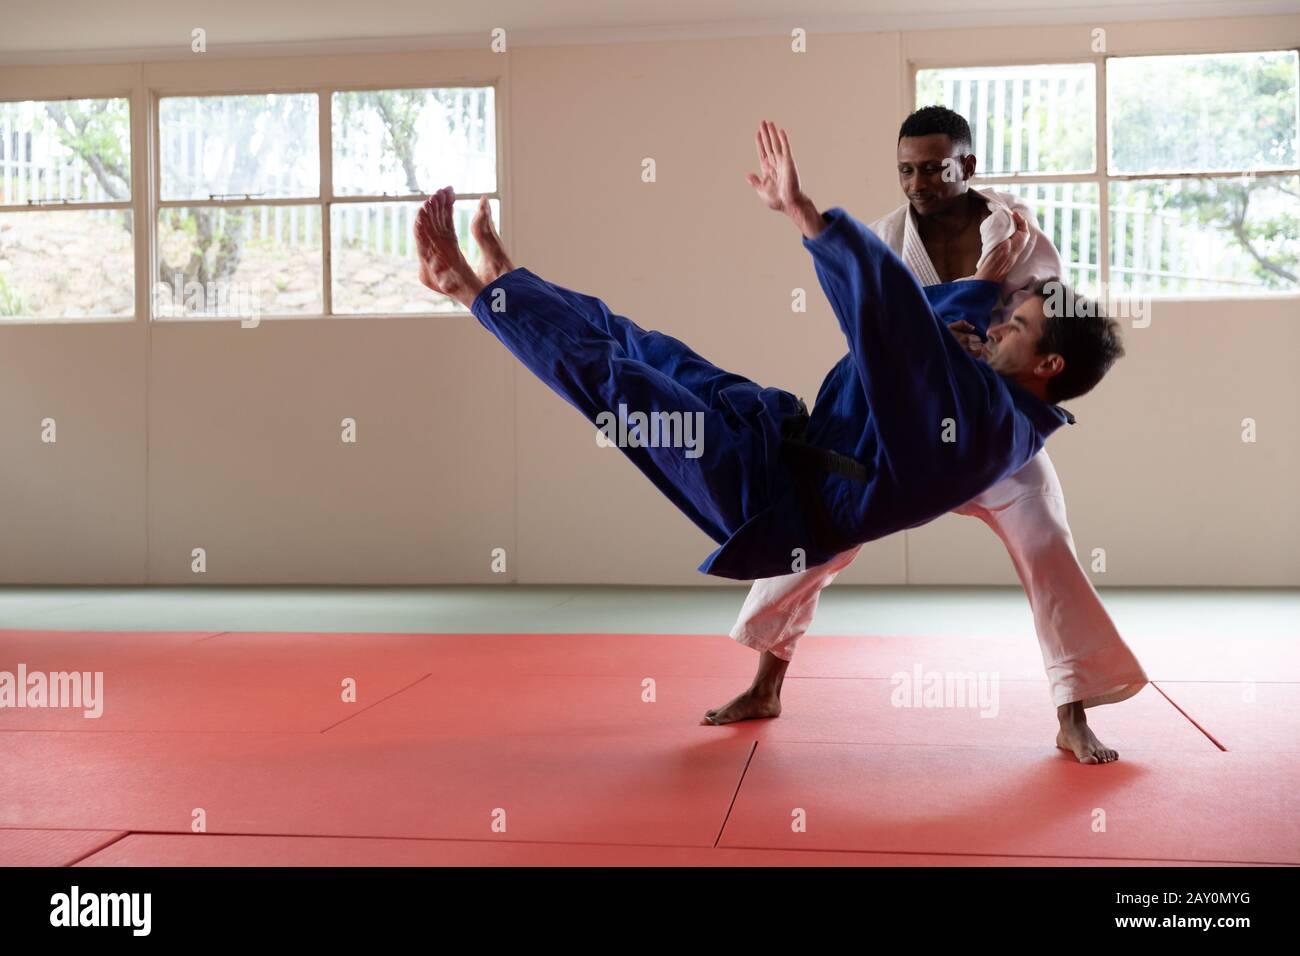 Entraînement de judokas dans une salle de sport Banque D'Images